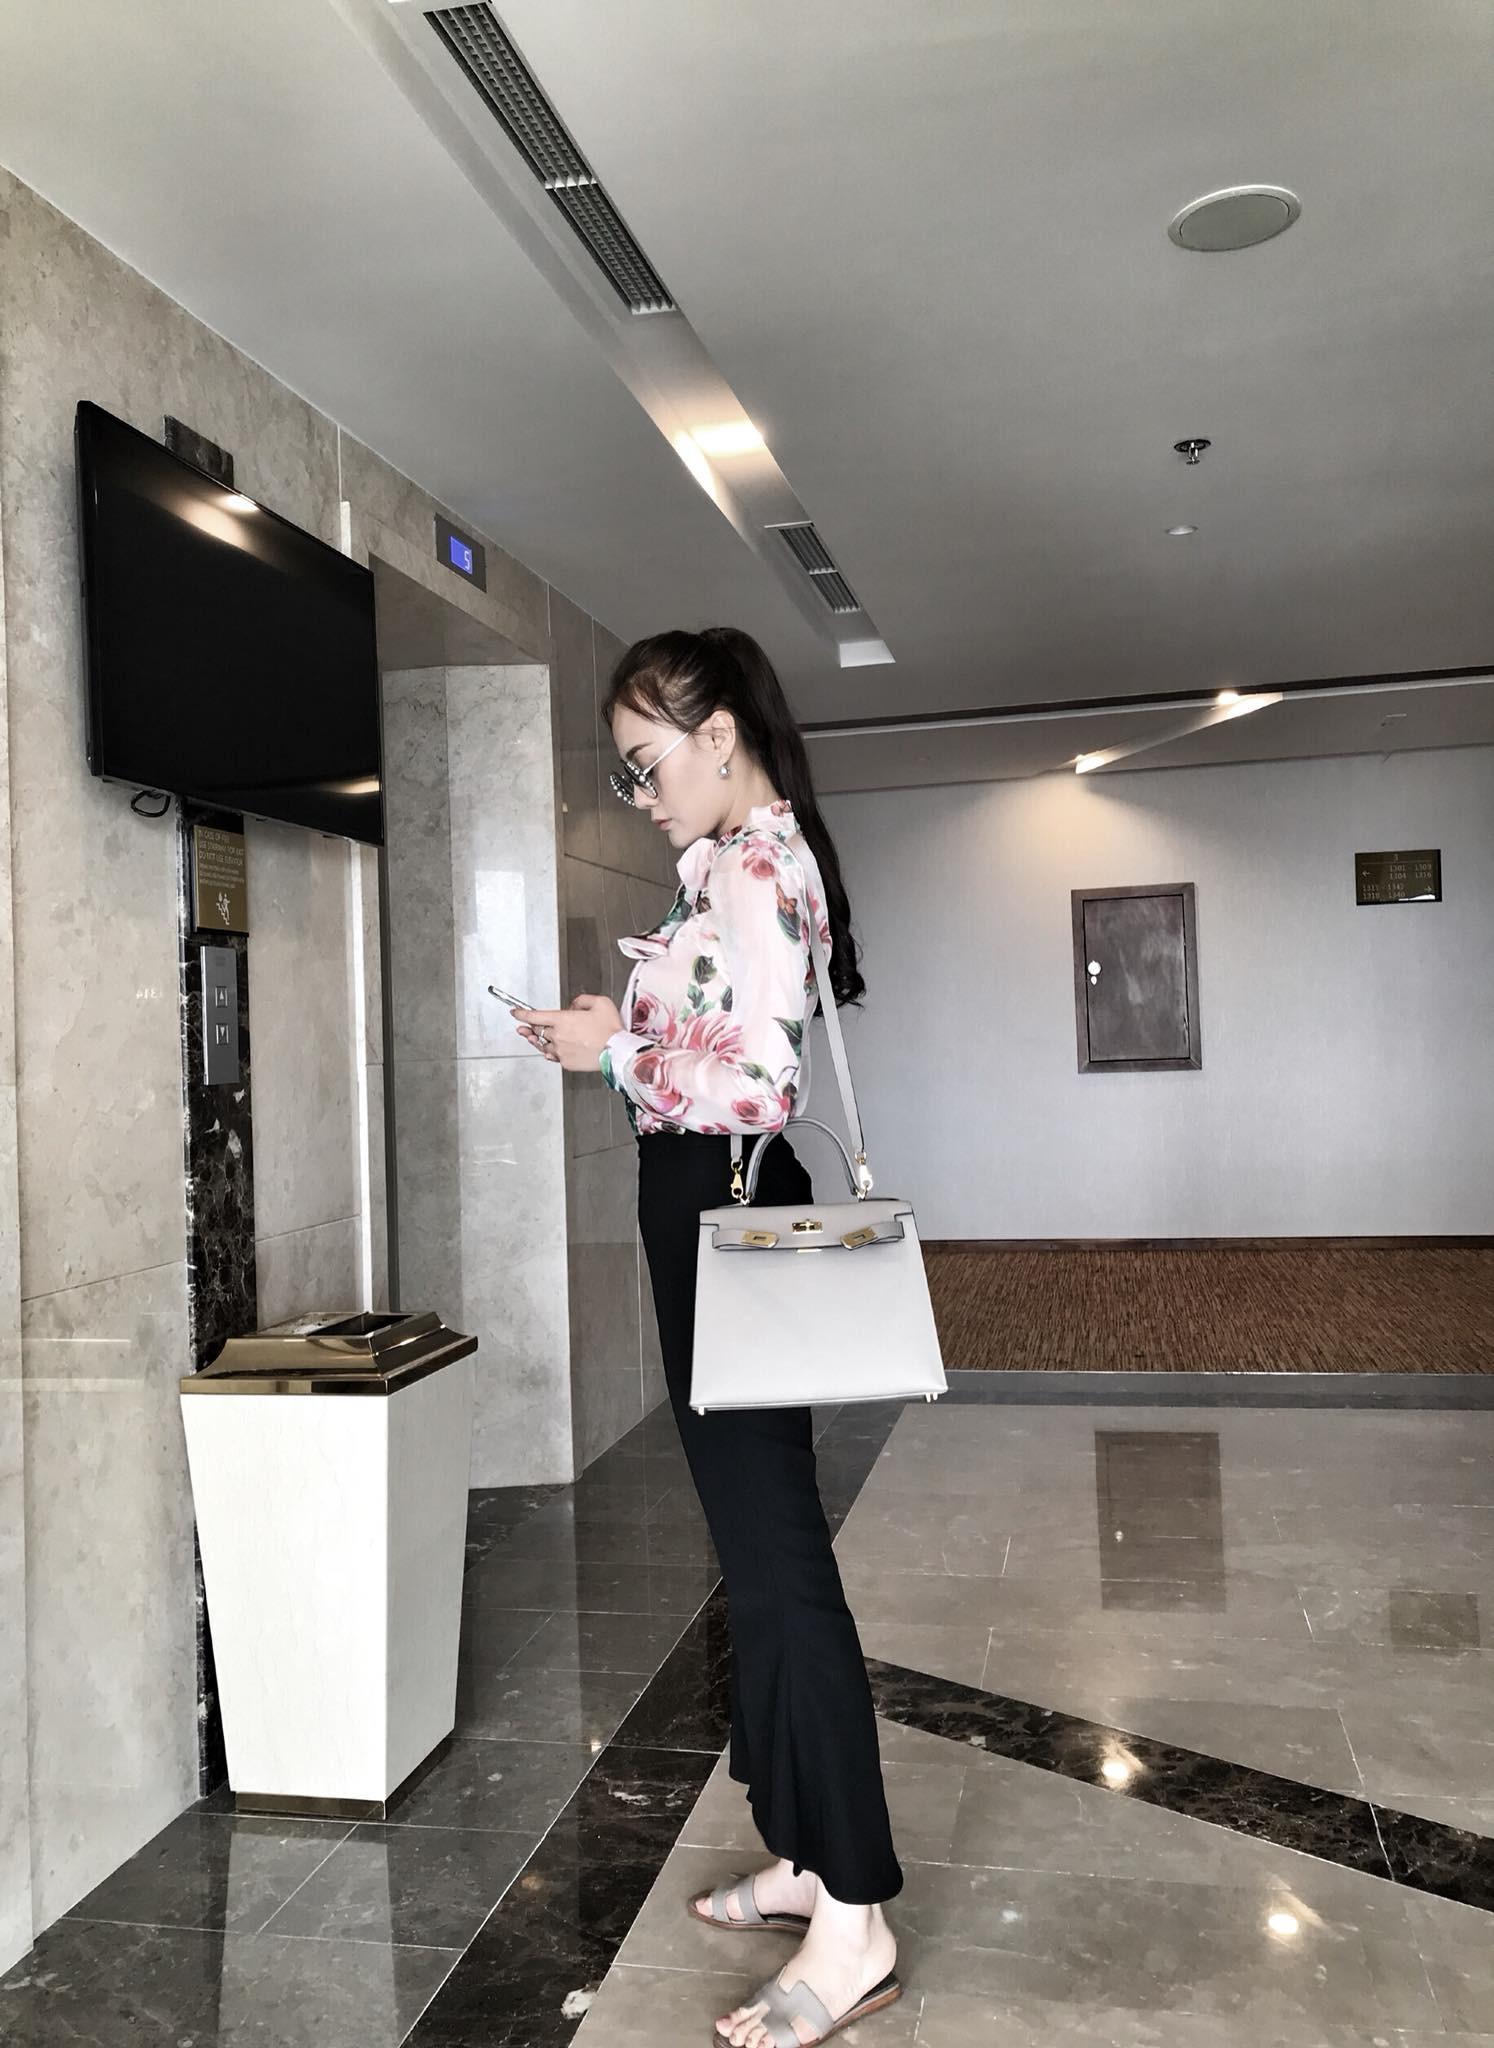 Đã không còn là 'gái quê nghèo khổ', Quỳnh Búp Bê ngoài đời có hẳn đồng hồ 400 triệu và tủ túi hiệu cao cấp - 1